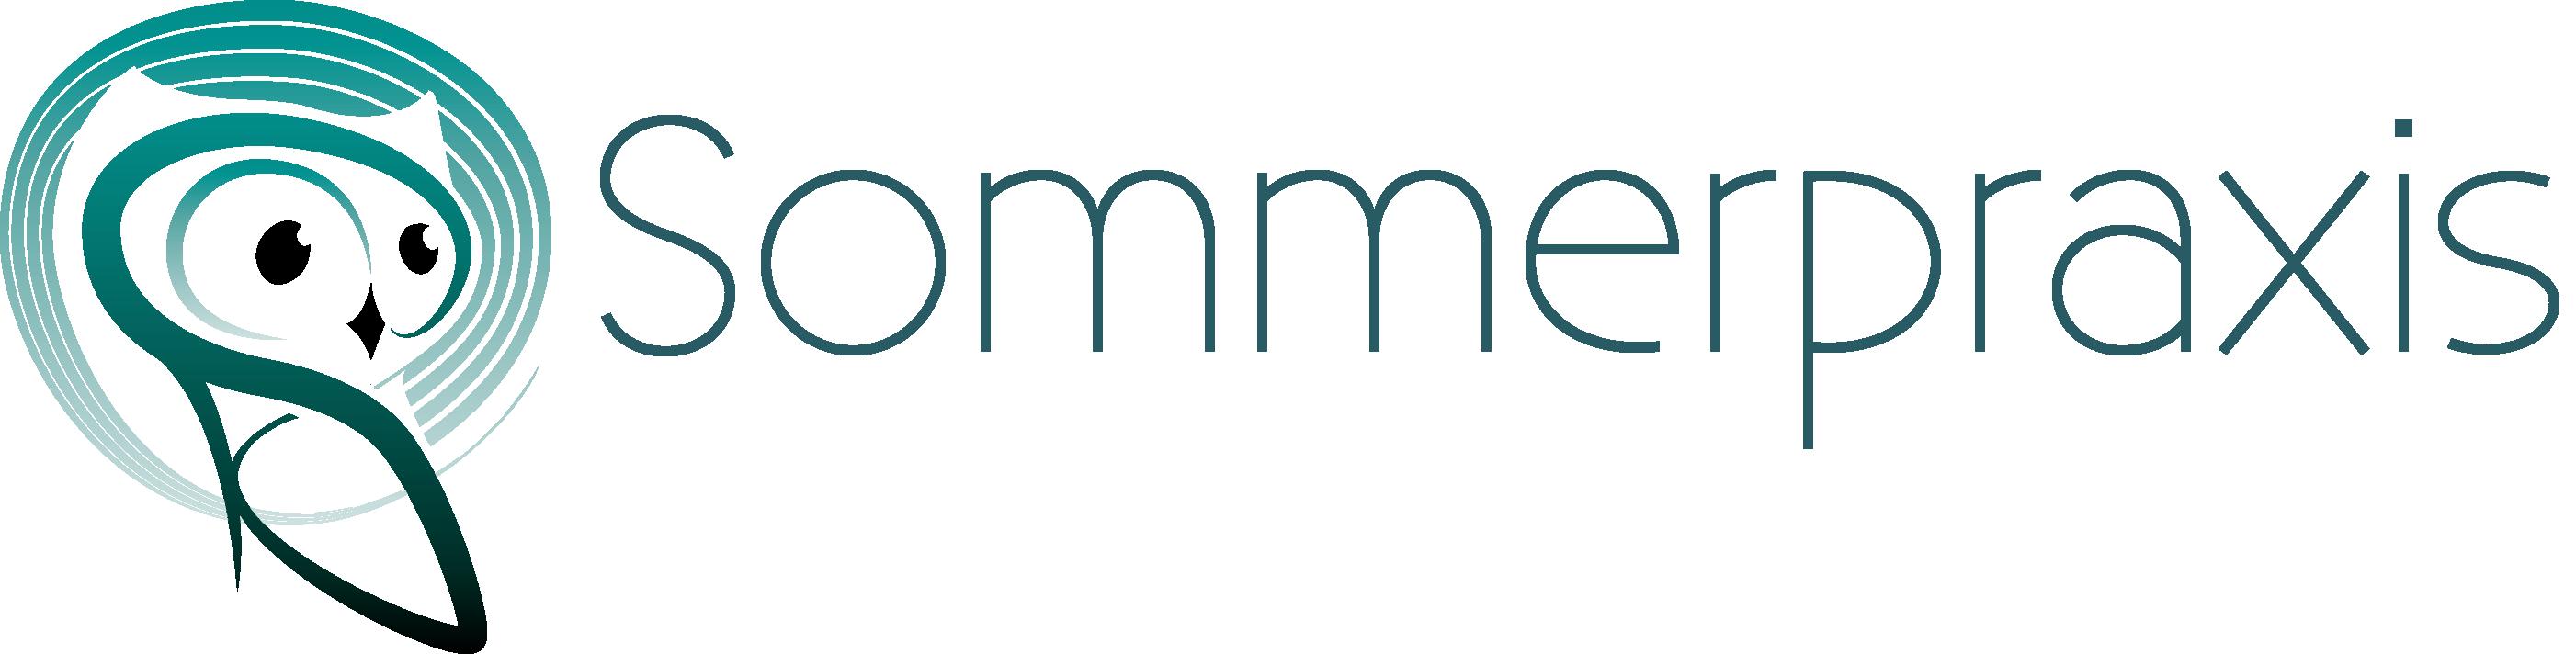 Sommerpraxis